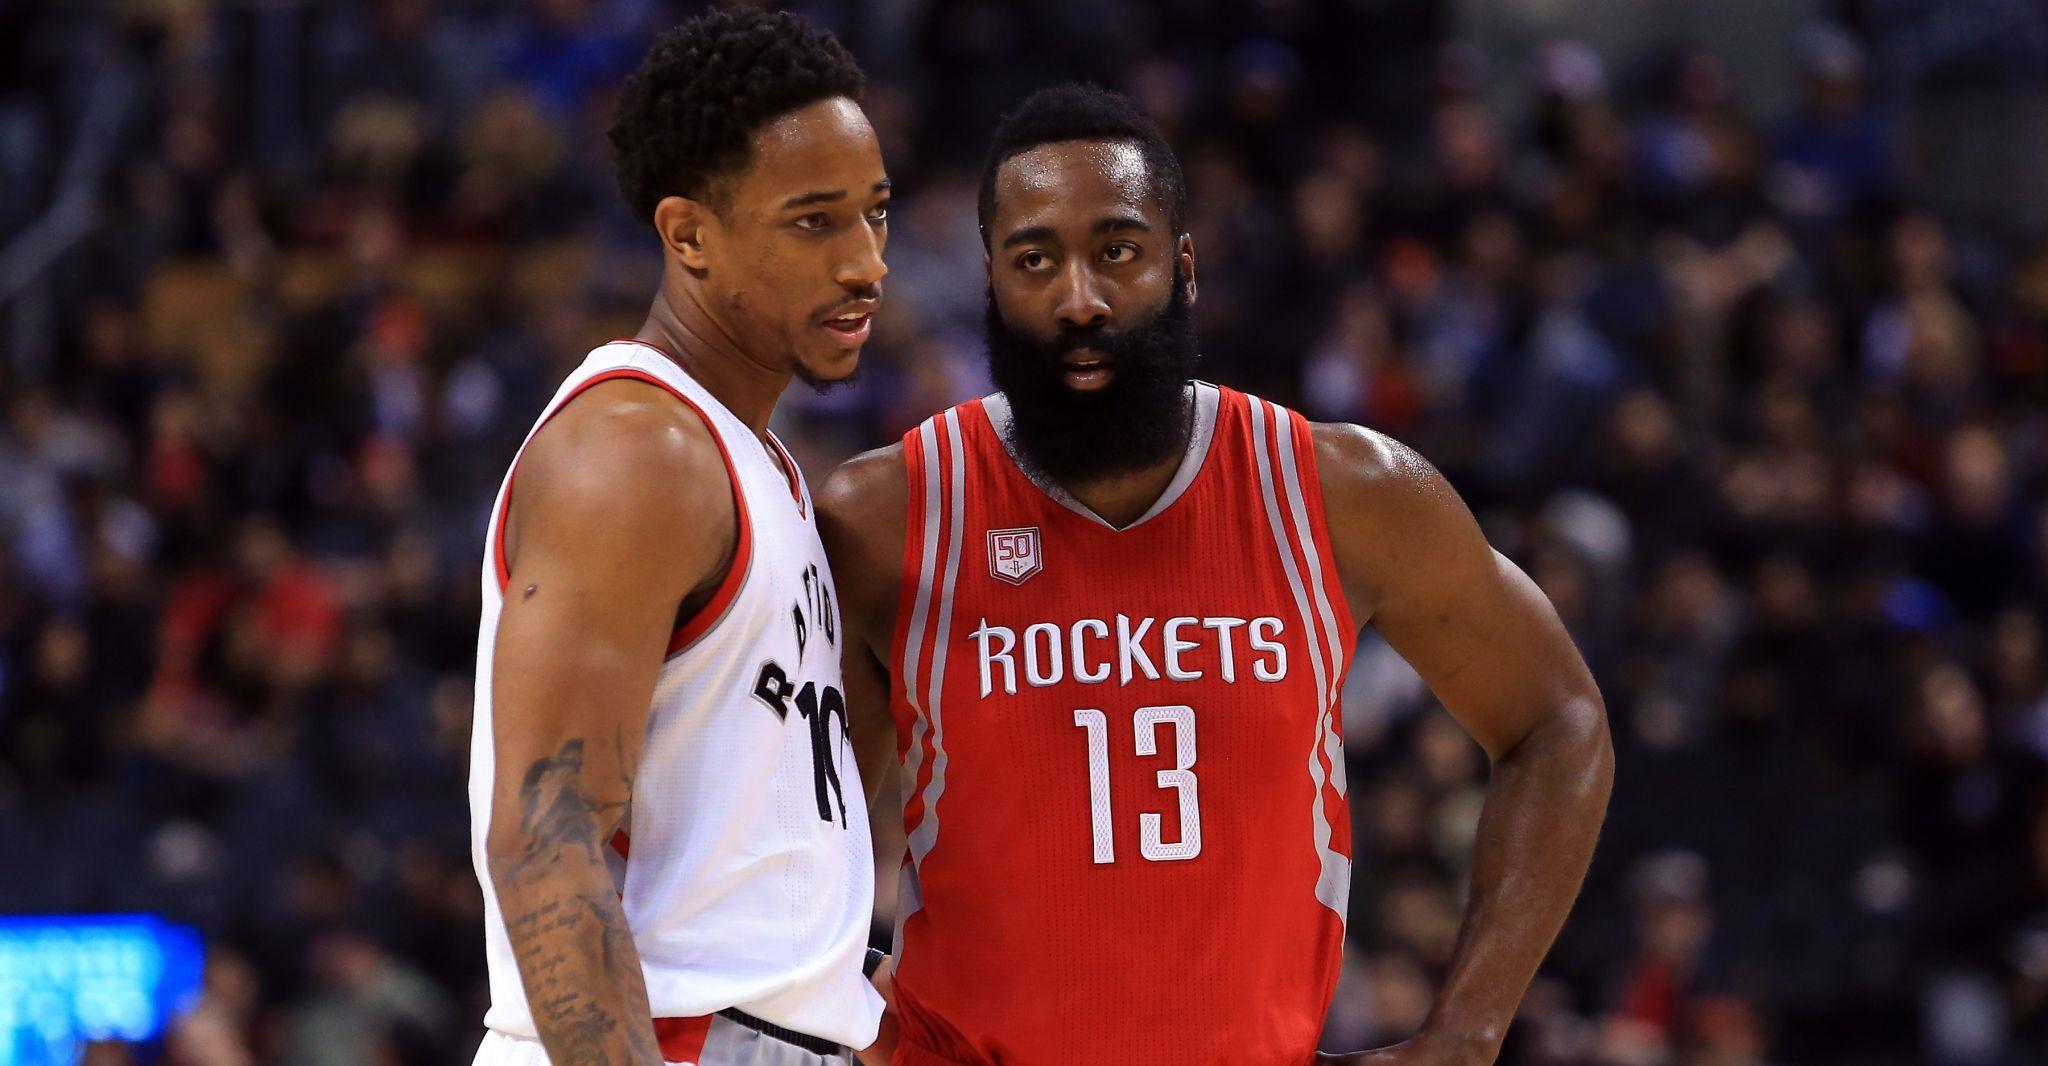 773b9c1b1f7f Raptors All-Star DeMar DeRozan  Rockets  James Harden  a lock  to win MVP